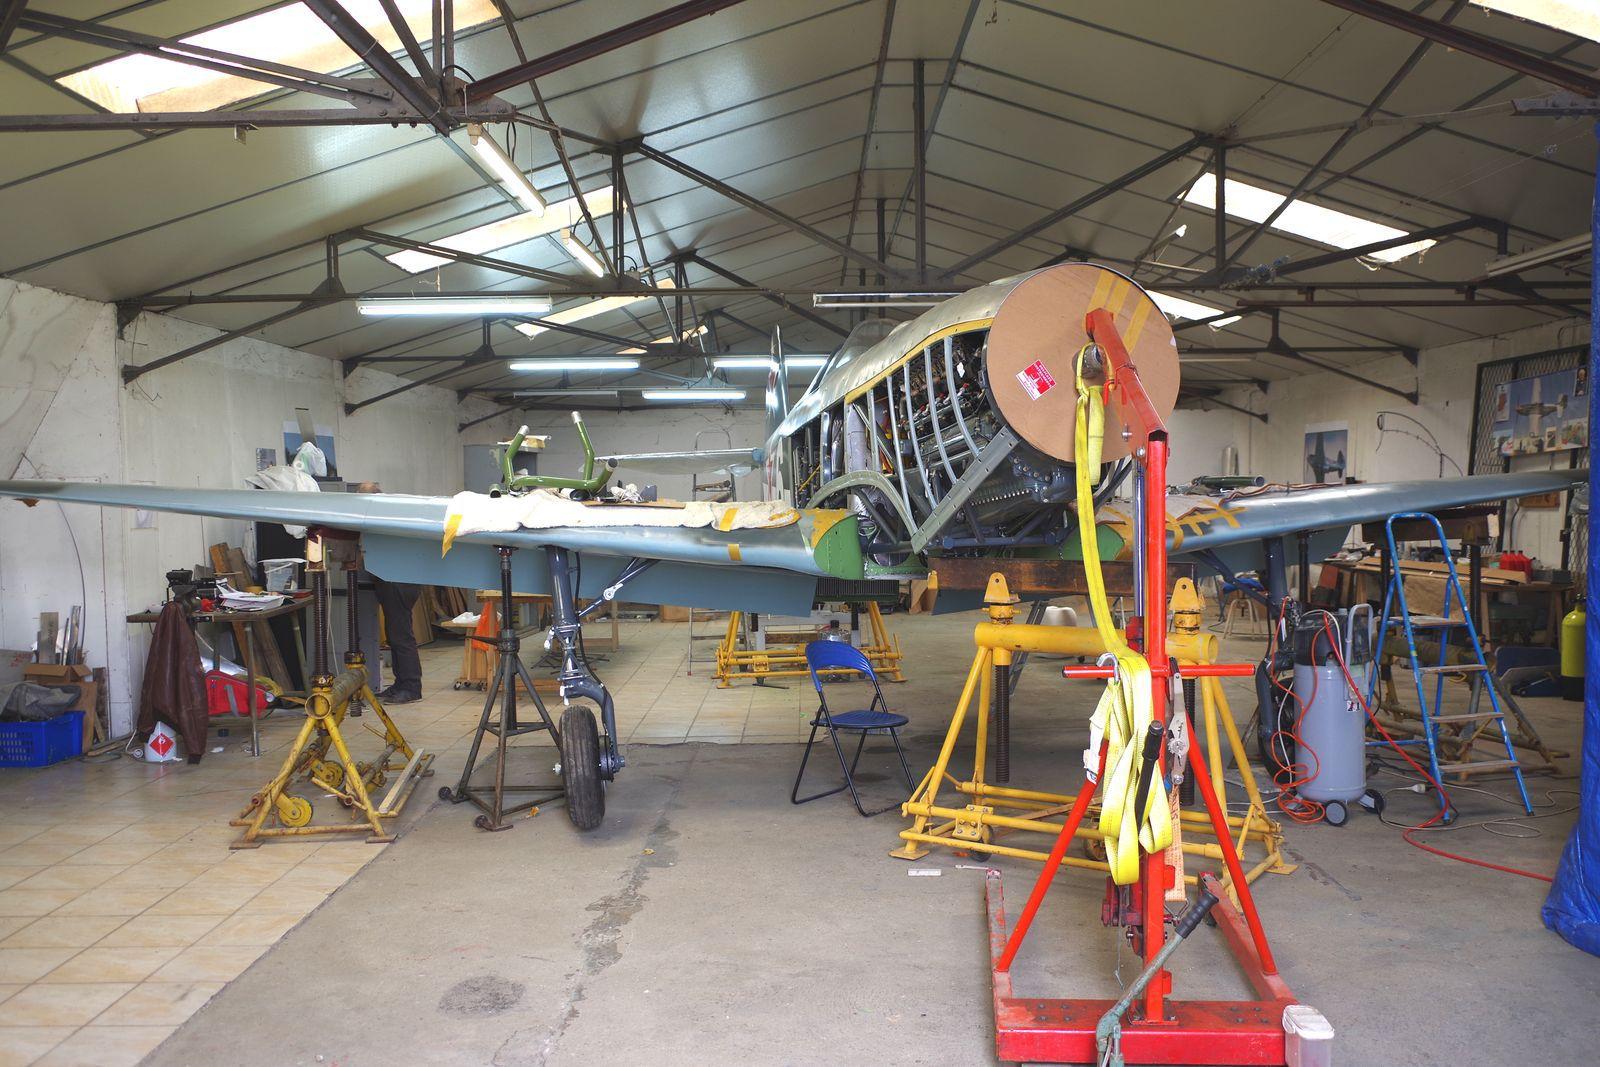 Le Yak 9R 172612 F-AZOS en restauration à la Ferté Alais. Cela répond à l'interrogation que beaucoup de monde se pose depuis deux ans.